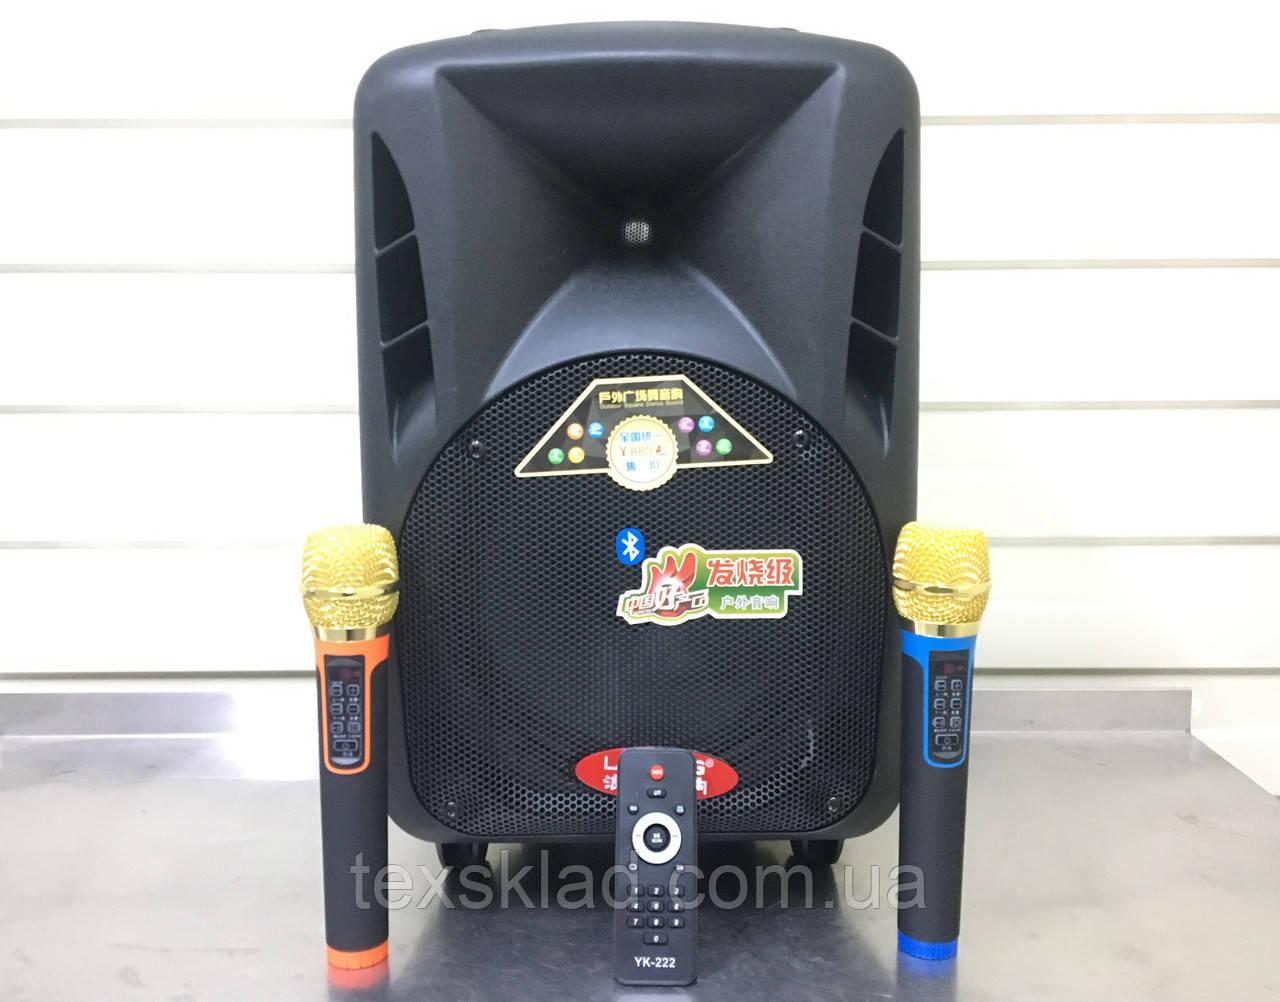 Портативная колонка с Аккумуляторными микрофонами Langting SL1007 (120W/USB/Bt/Fm)